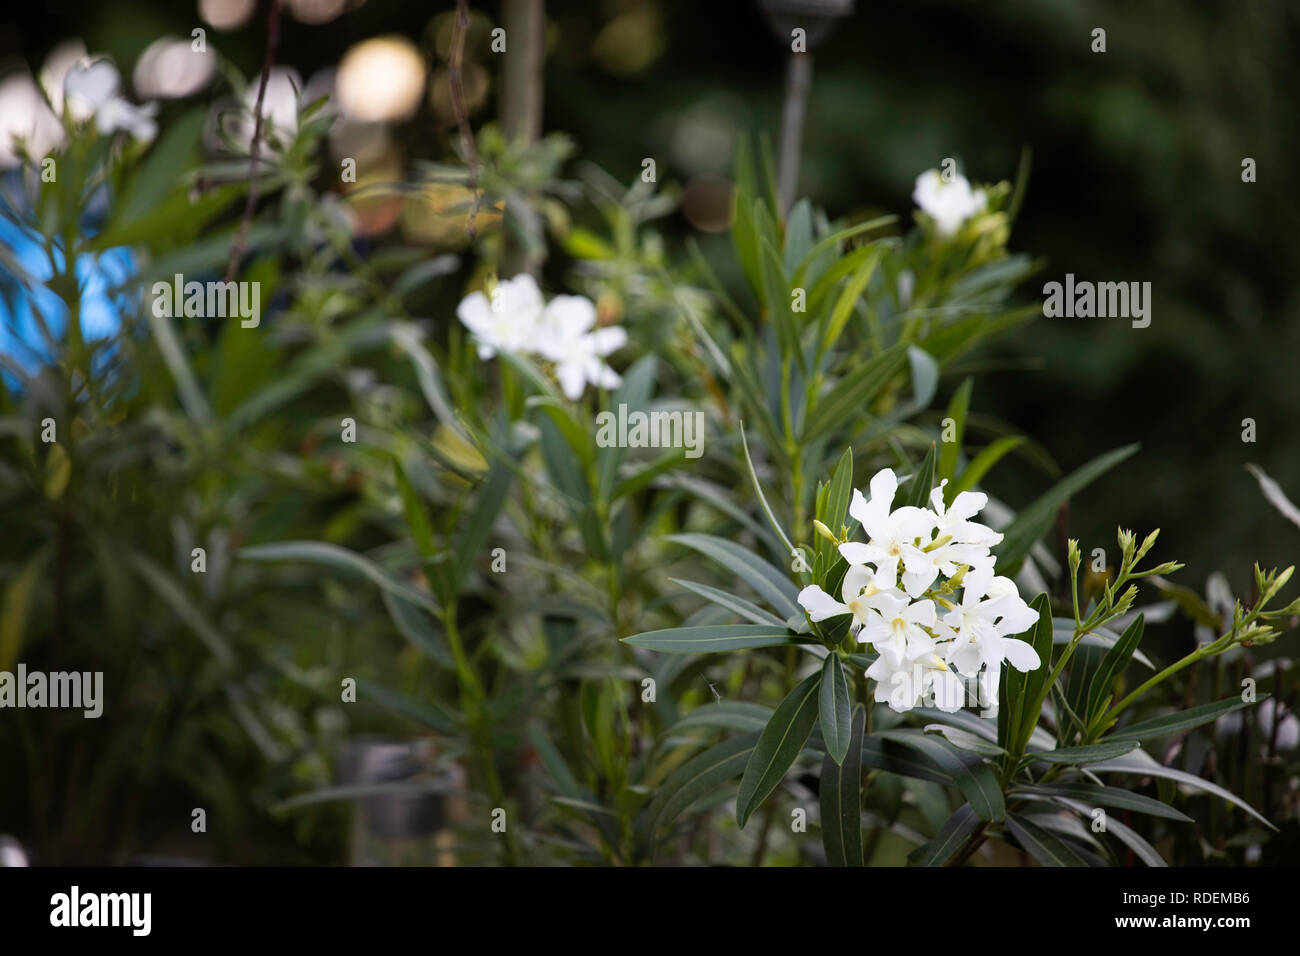 Bodendecker weiss Garten sommer terrasse Stock Photo